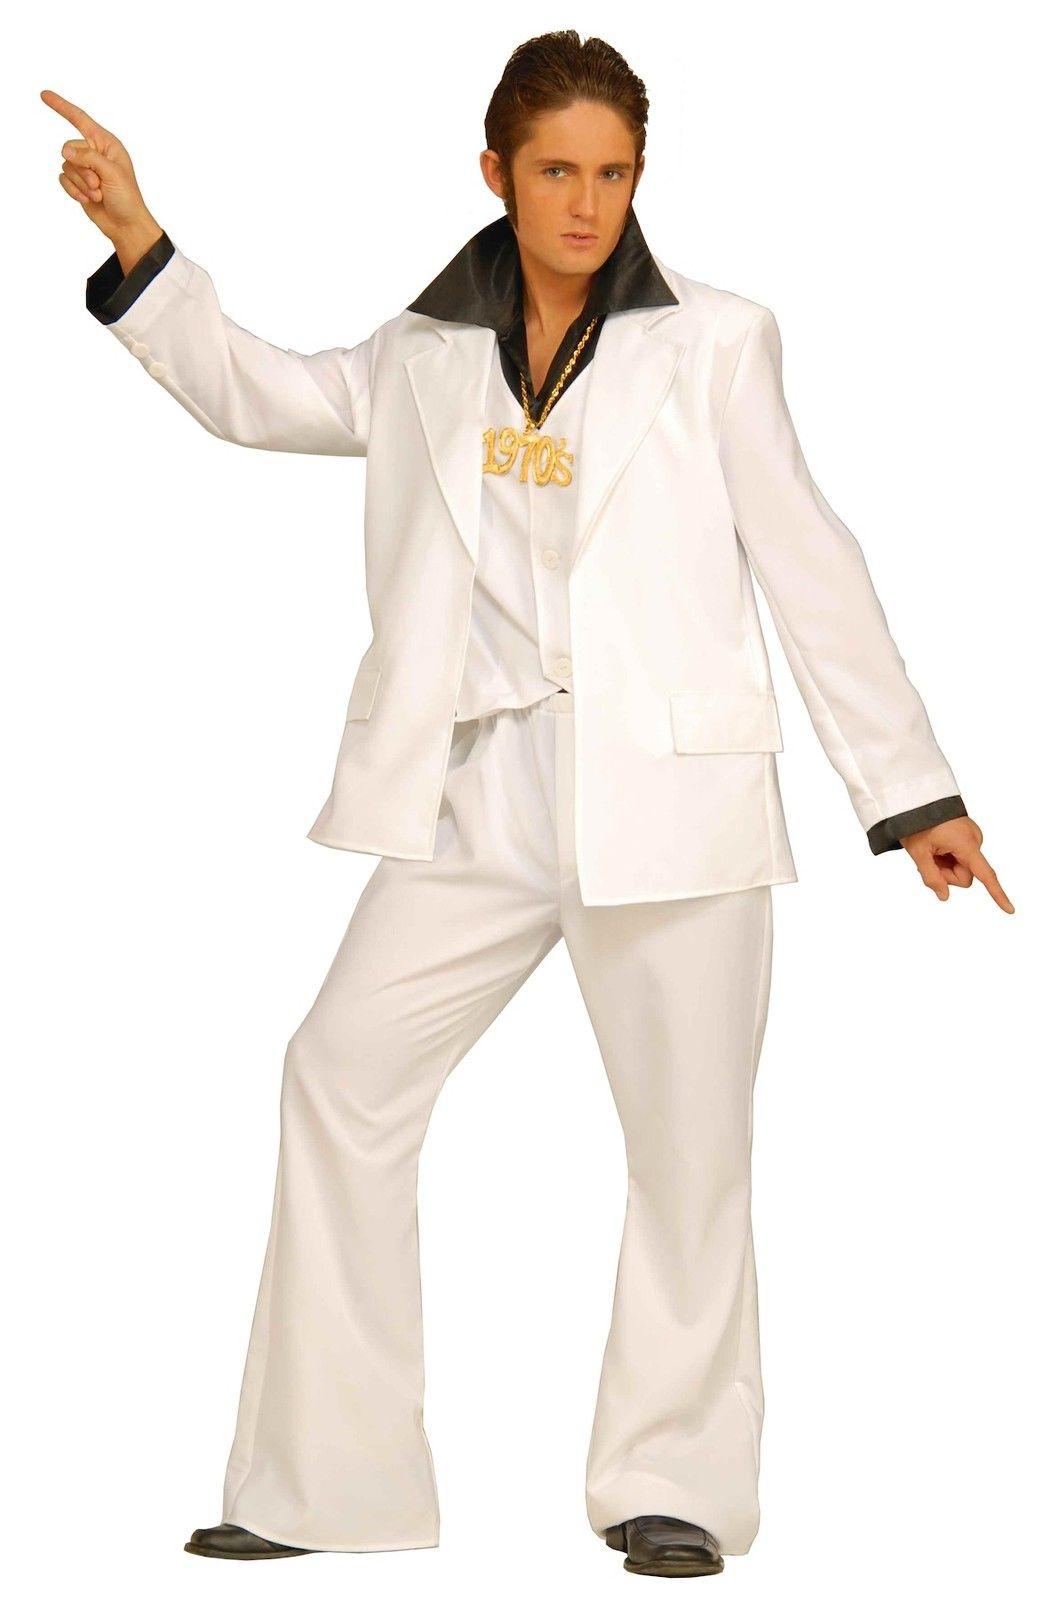 Saturday Night Fever White Leisure Suit Adult Costume Mens Disco Tony Manero 70s